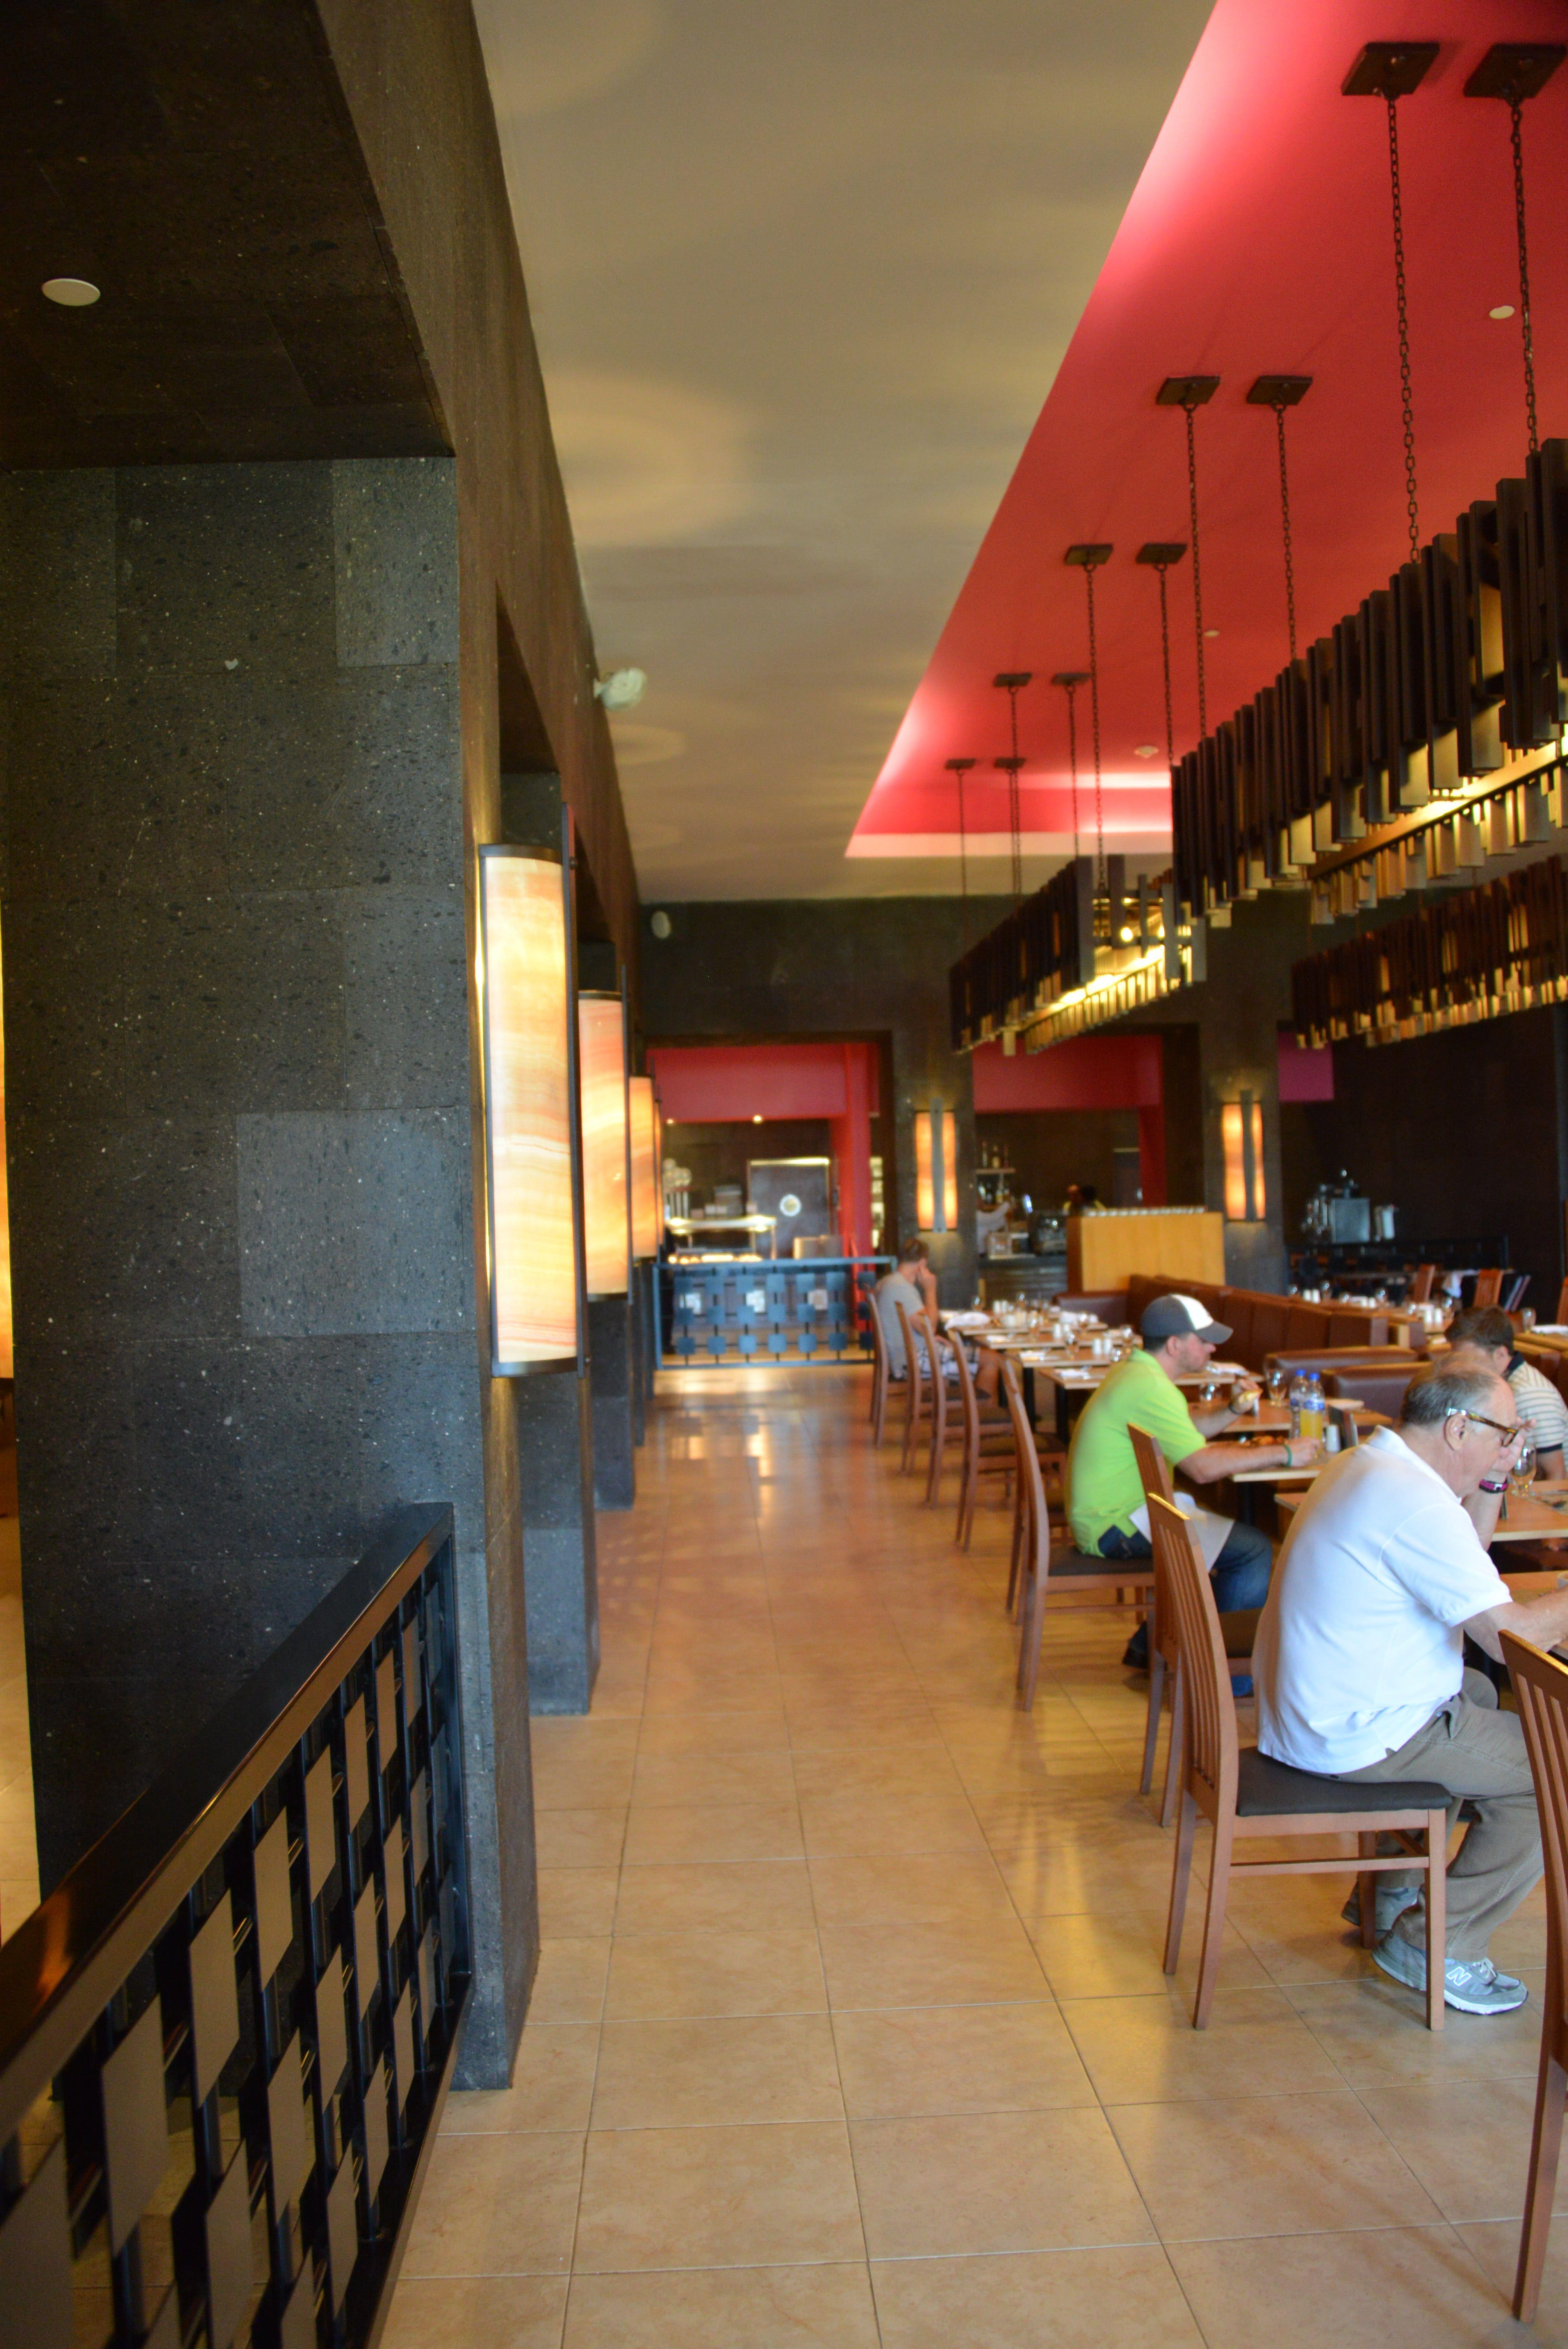 El Mexicano Buffet Restaurant - Barcelo - Los Cabos, Mexico #Destination #Wedding # Mexico #Allinclusive #travel #Barcelo #Resorts